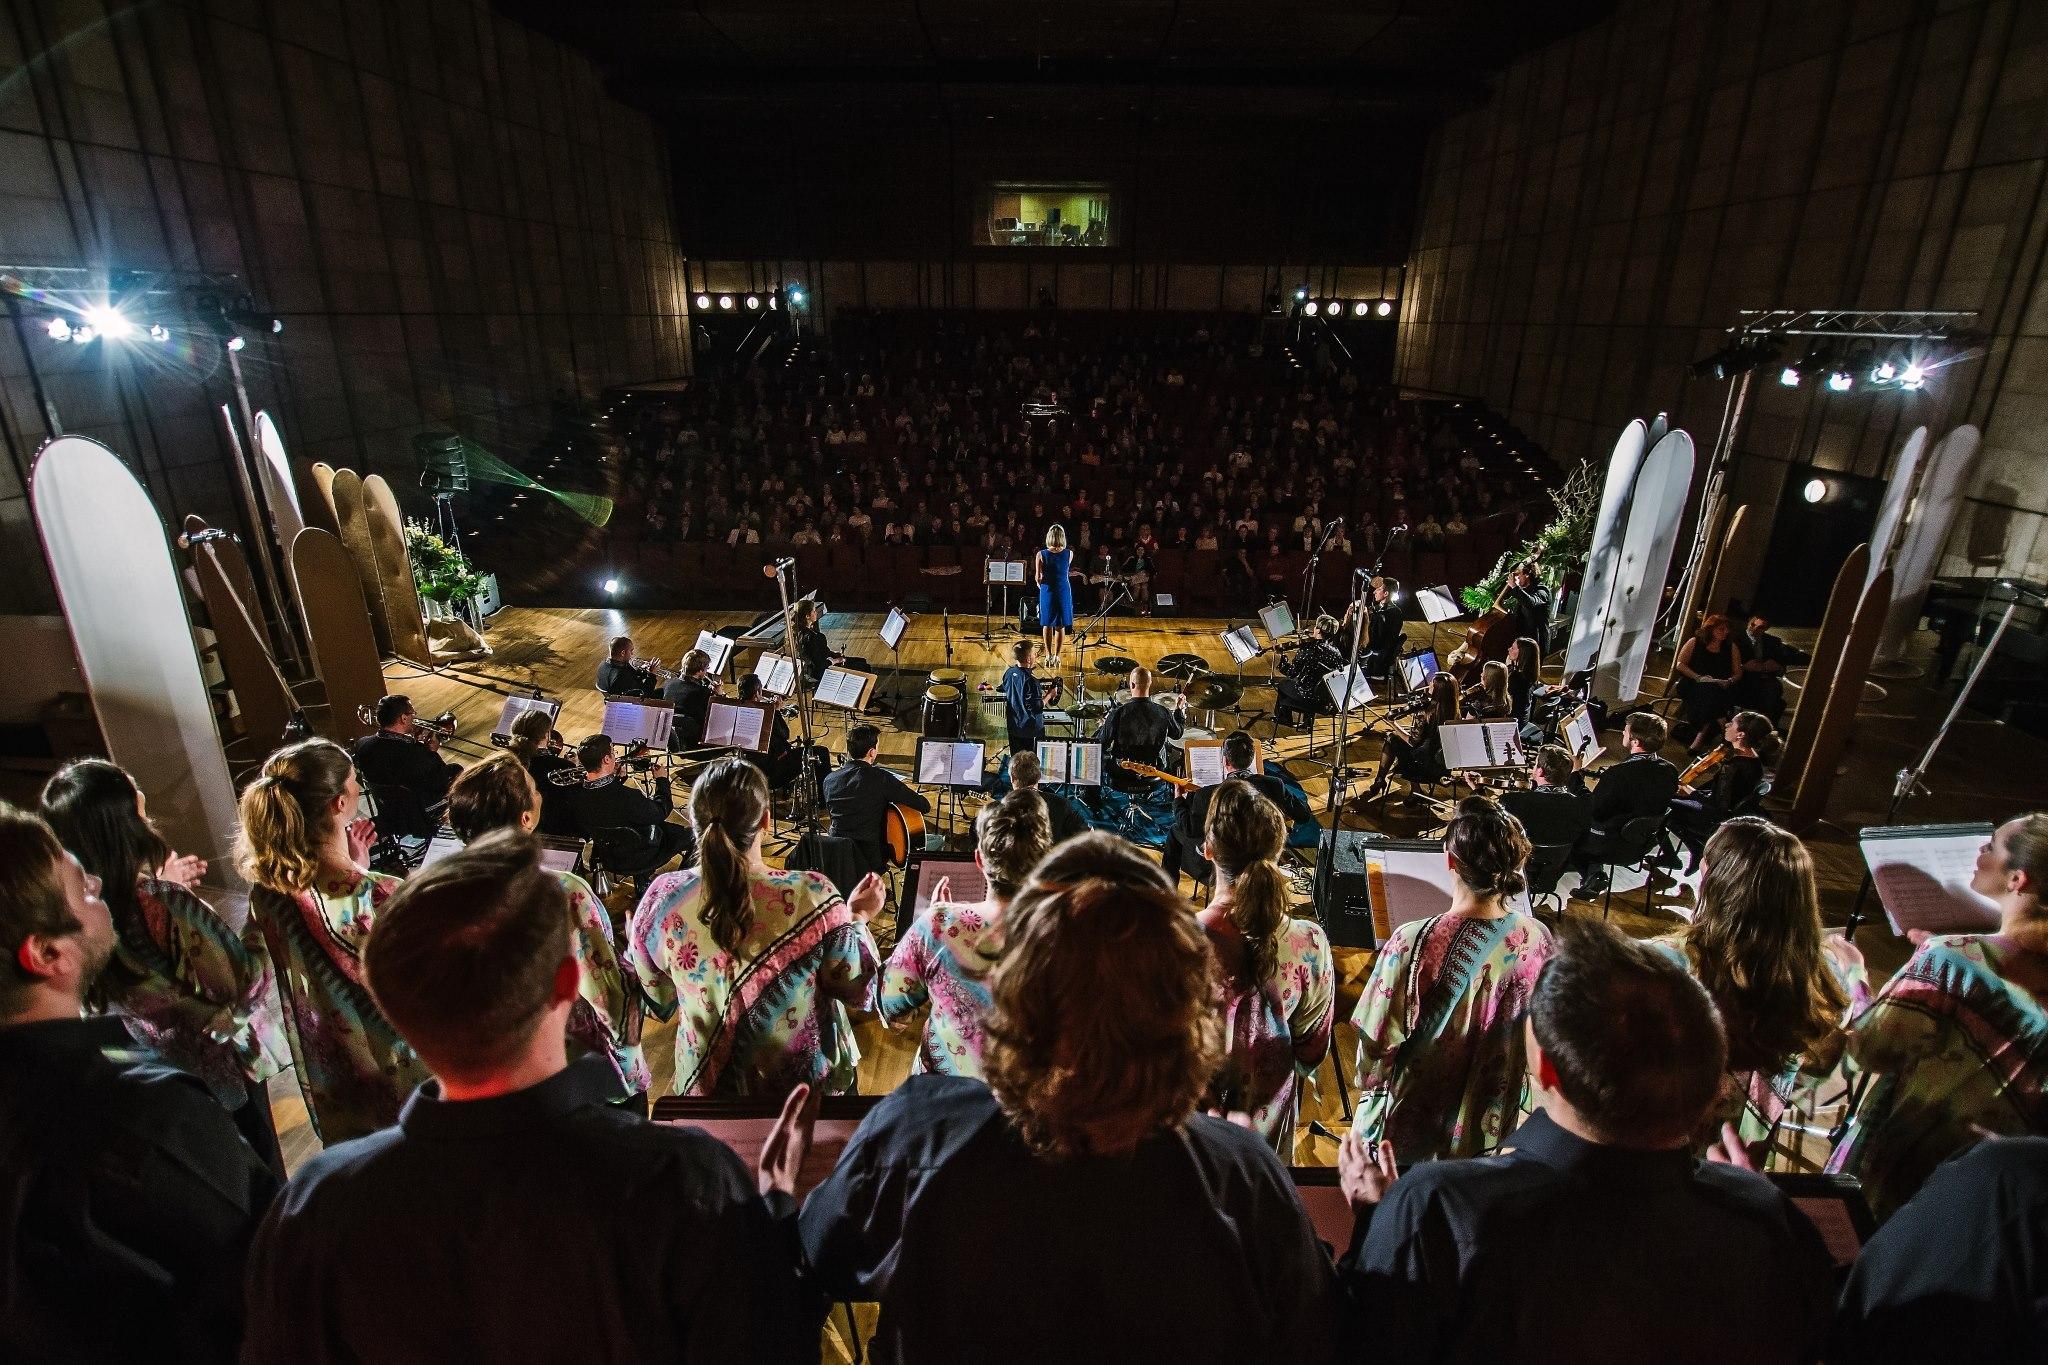 Pocta Eve Kostolányiovej (Veľké koncertné štúdio Slovenského rozhlasu, Bratislava), foto(c) Marko Erd photography